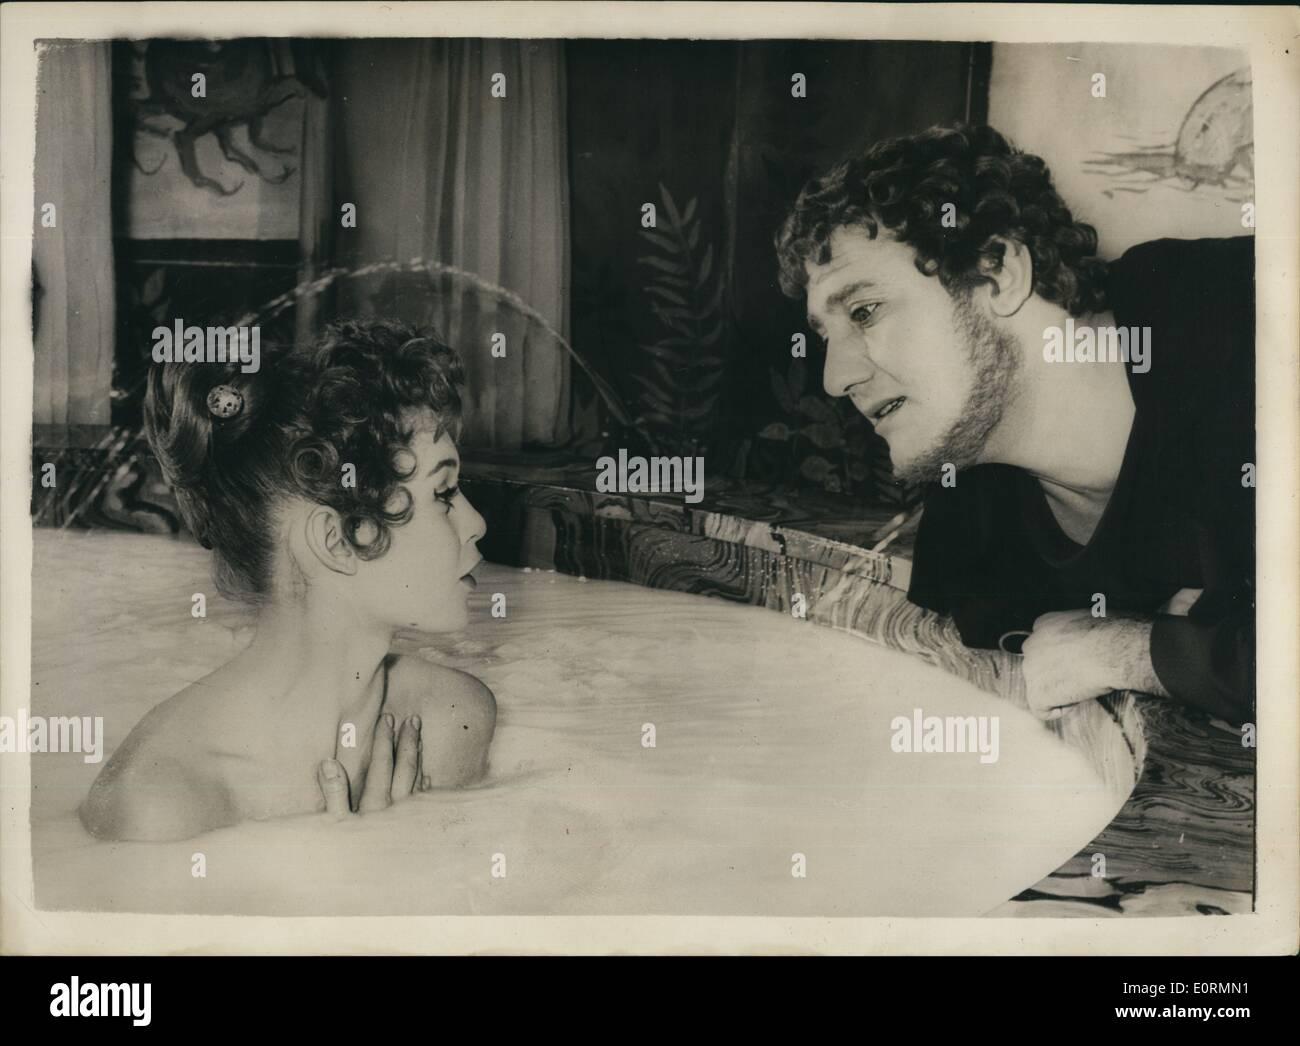 Vasca Da Bagno Litri : Jan brigitte bardot ha una vasca da bagno in litri